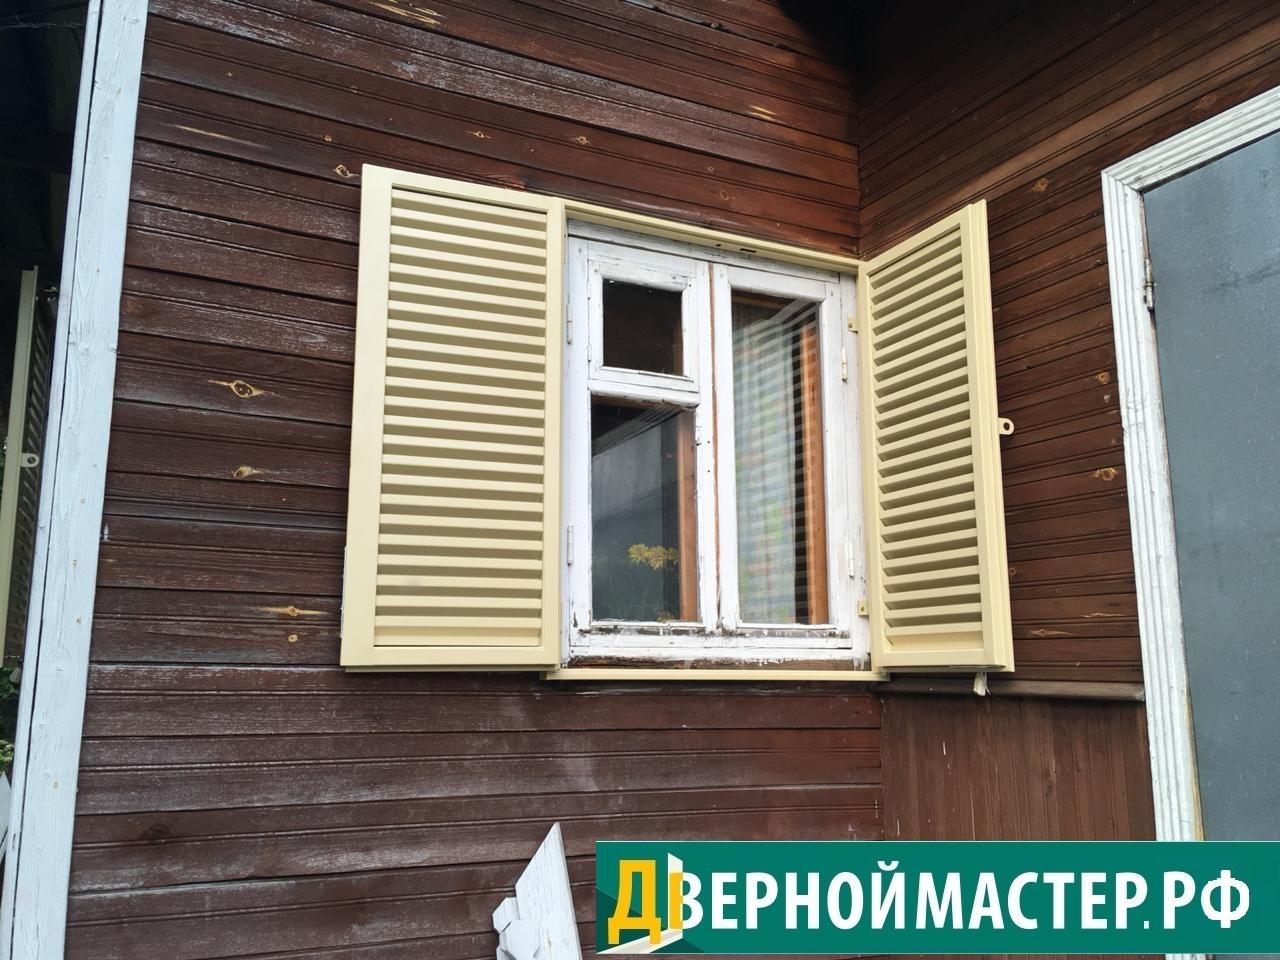 Ставни жалюзи на окна деревянного дома